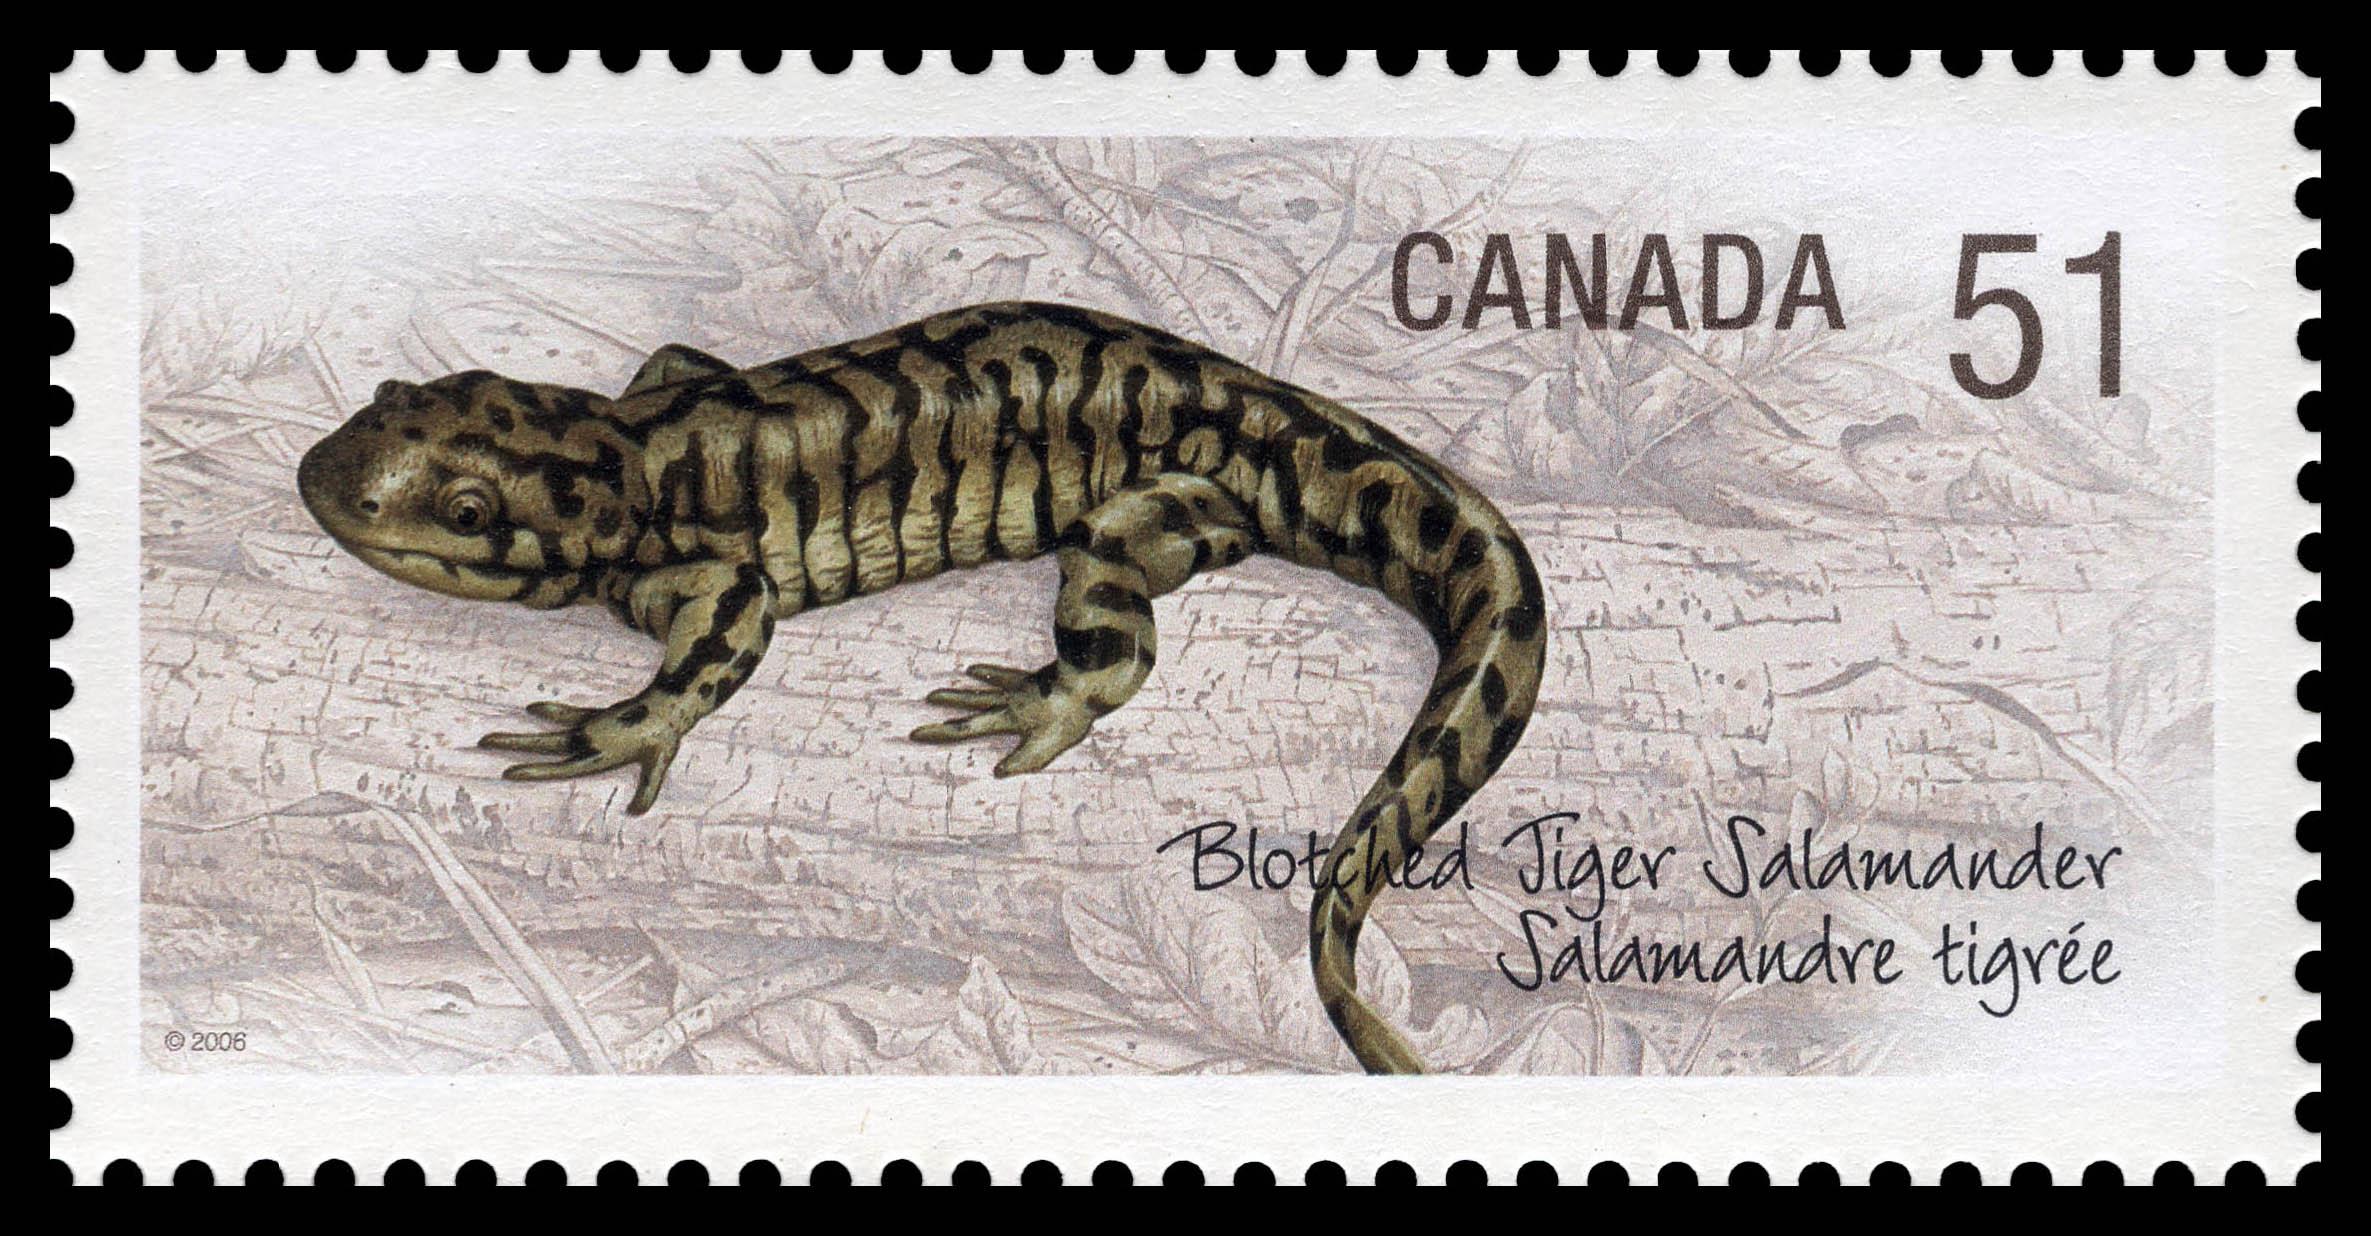 Blotched tiger salamander Canada Postage Stamp | Endangered Species